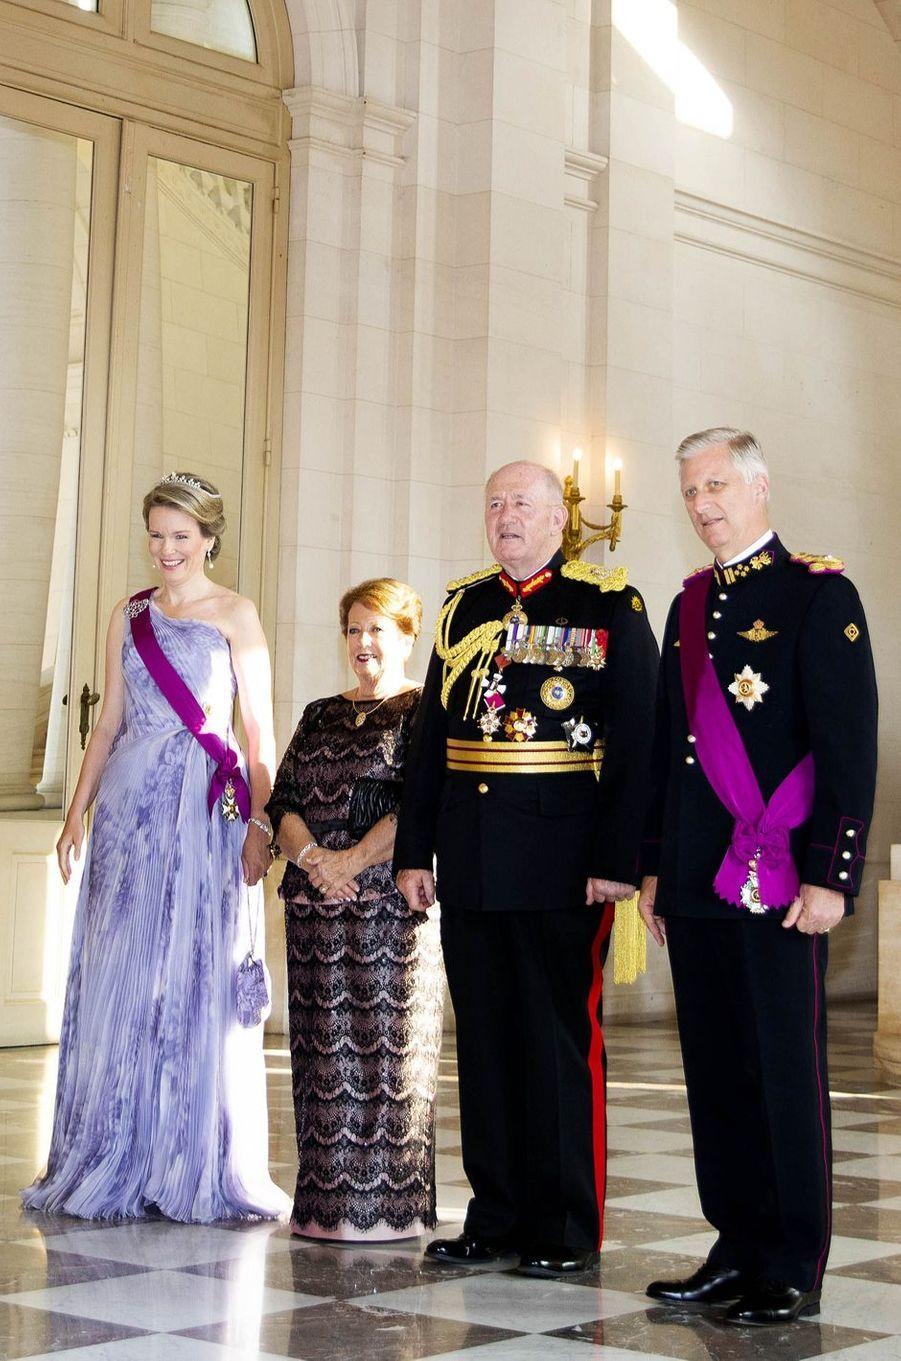 La reine Mathilde et le roi Philippe de Belgique avec le gouverneur général de l'Australie et sa femme à Bruxelles, le 27 juin 2018